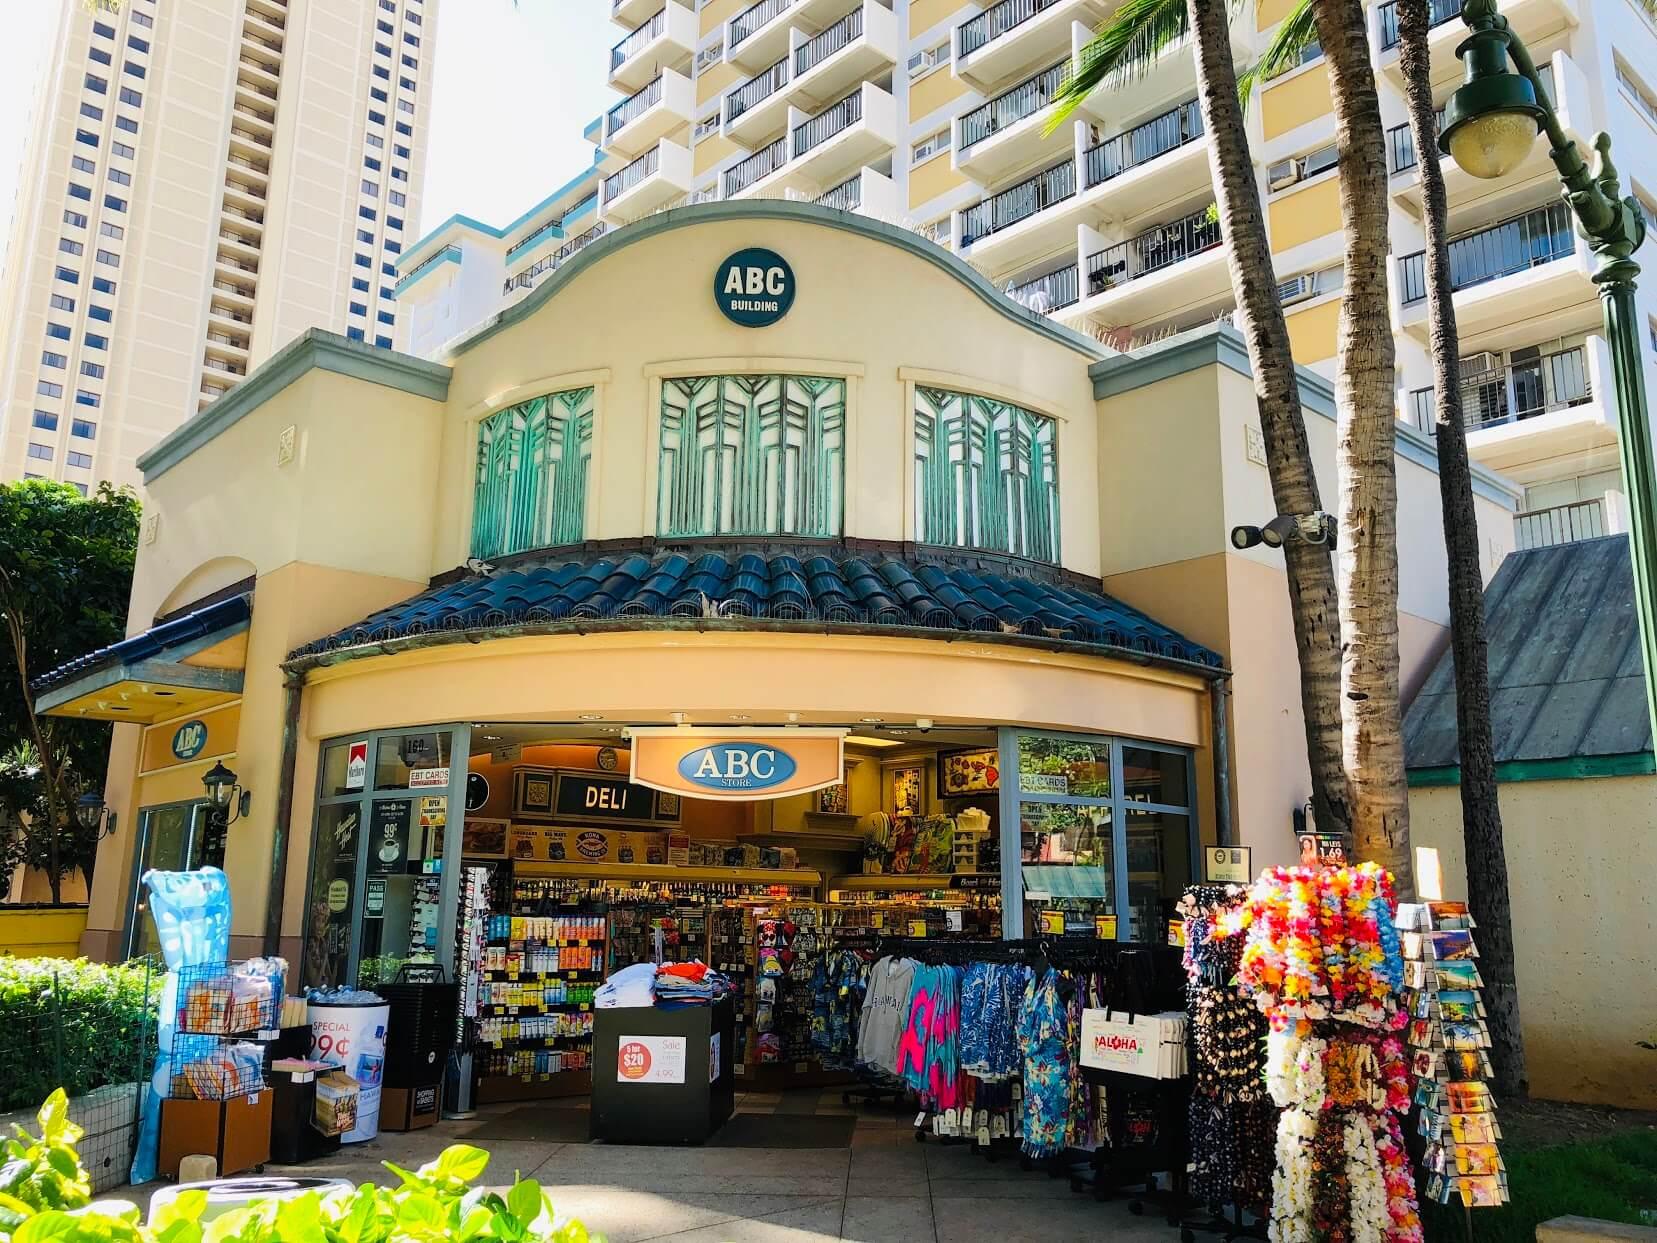 Kuhio At Waikikiのショップ